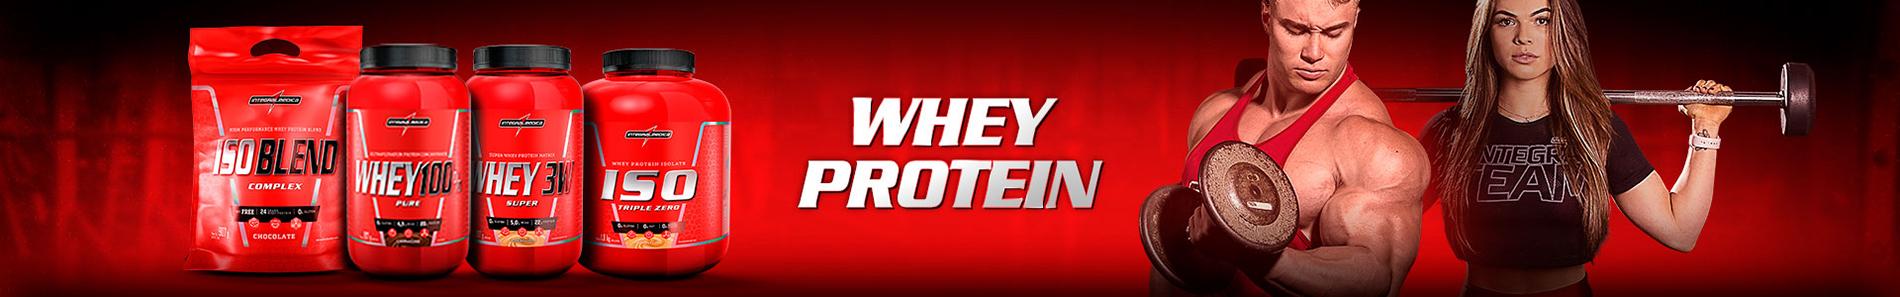 Categoria Banner Whey Protein Desktop